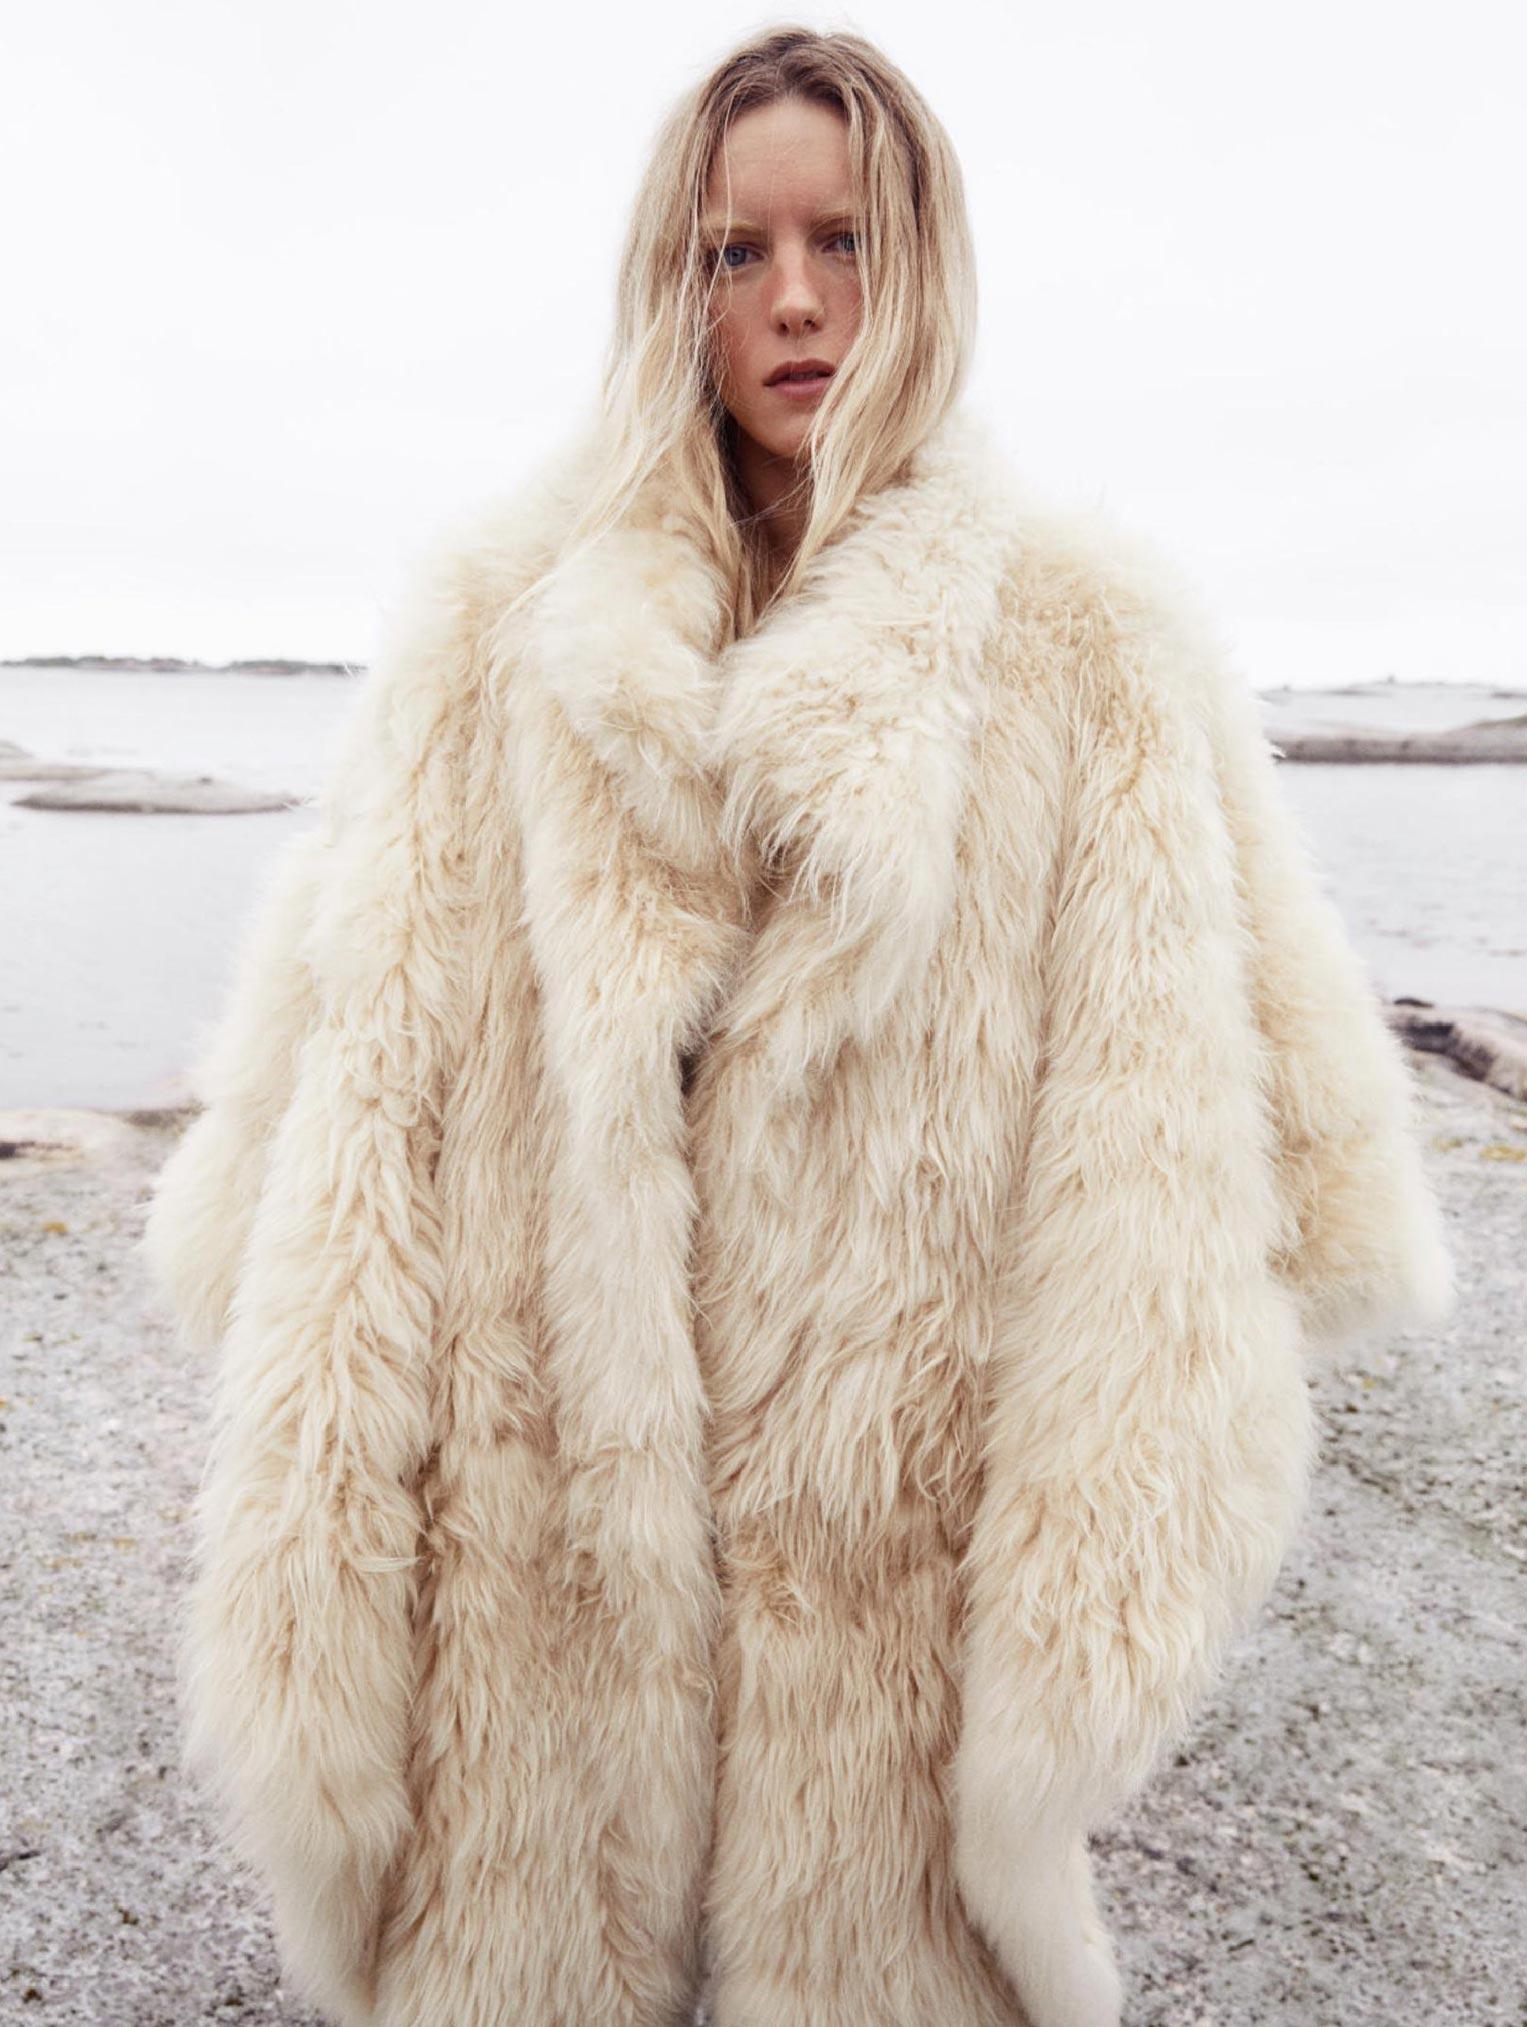 Бразильская модель в гостях у шведской - Эрика Линдер и Ракель Циммерман / фото 18